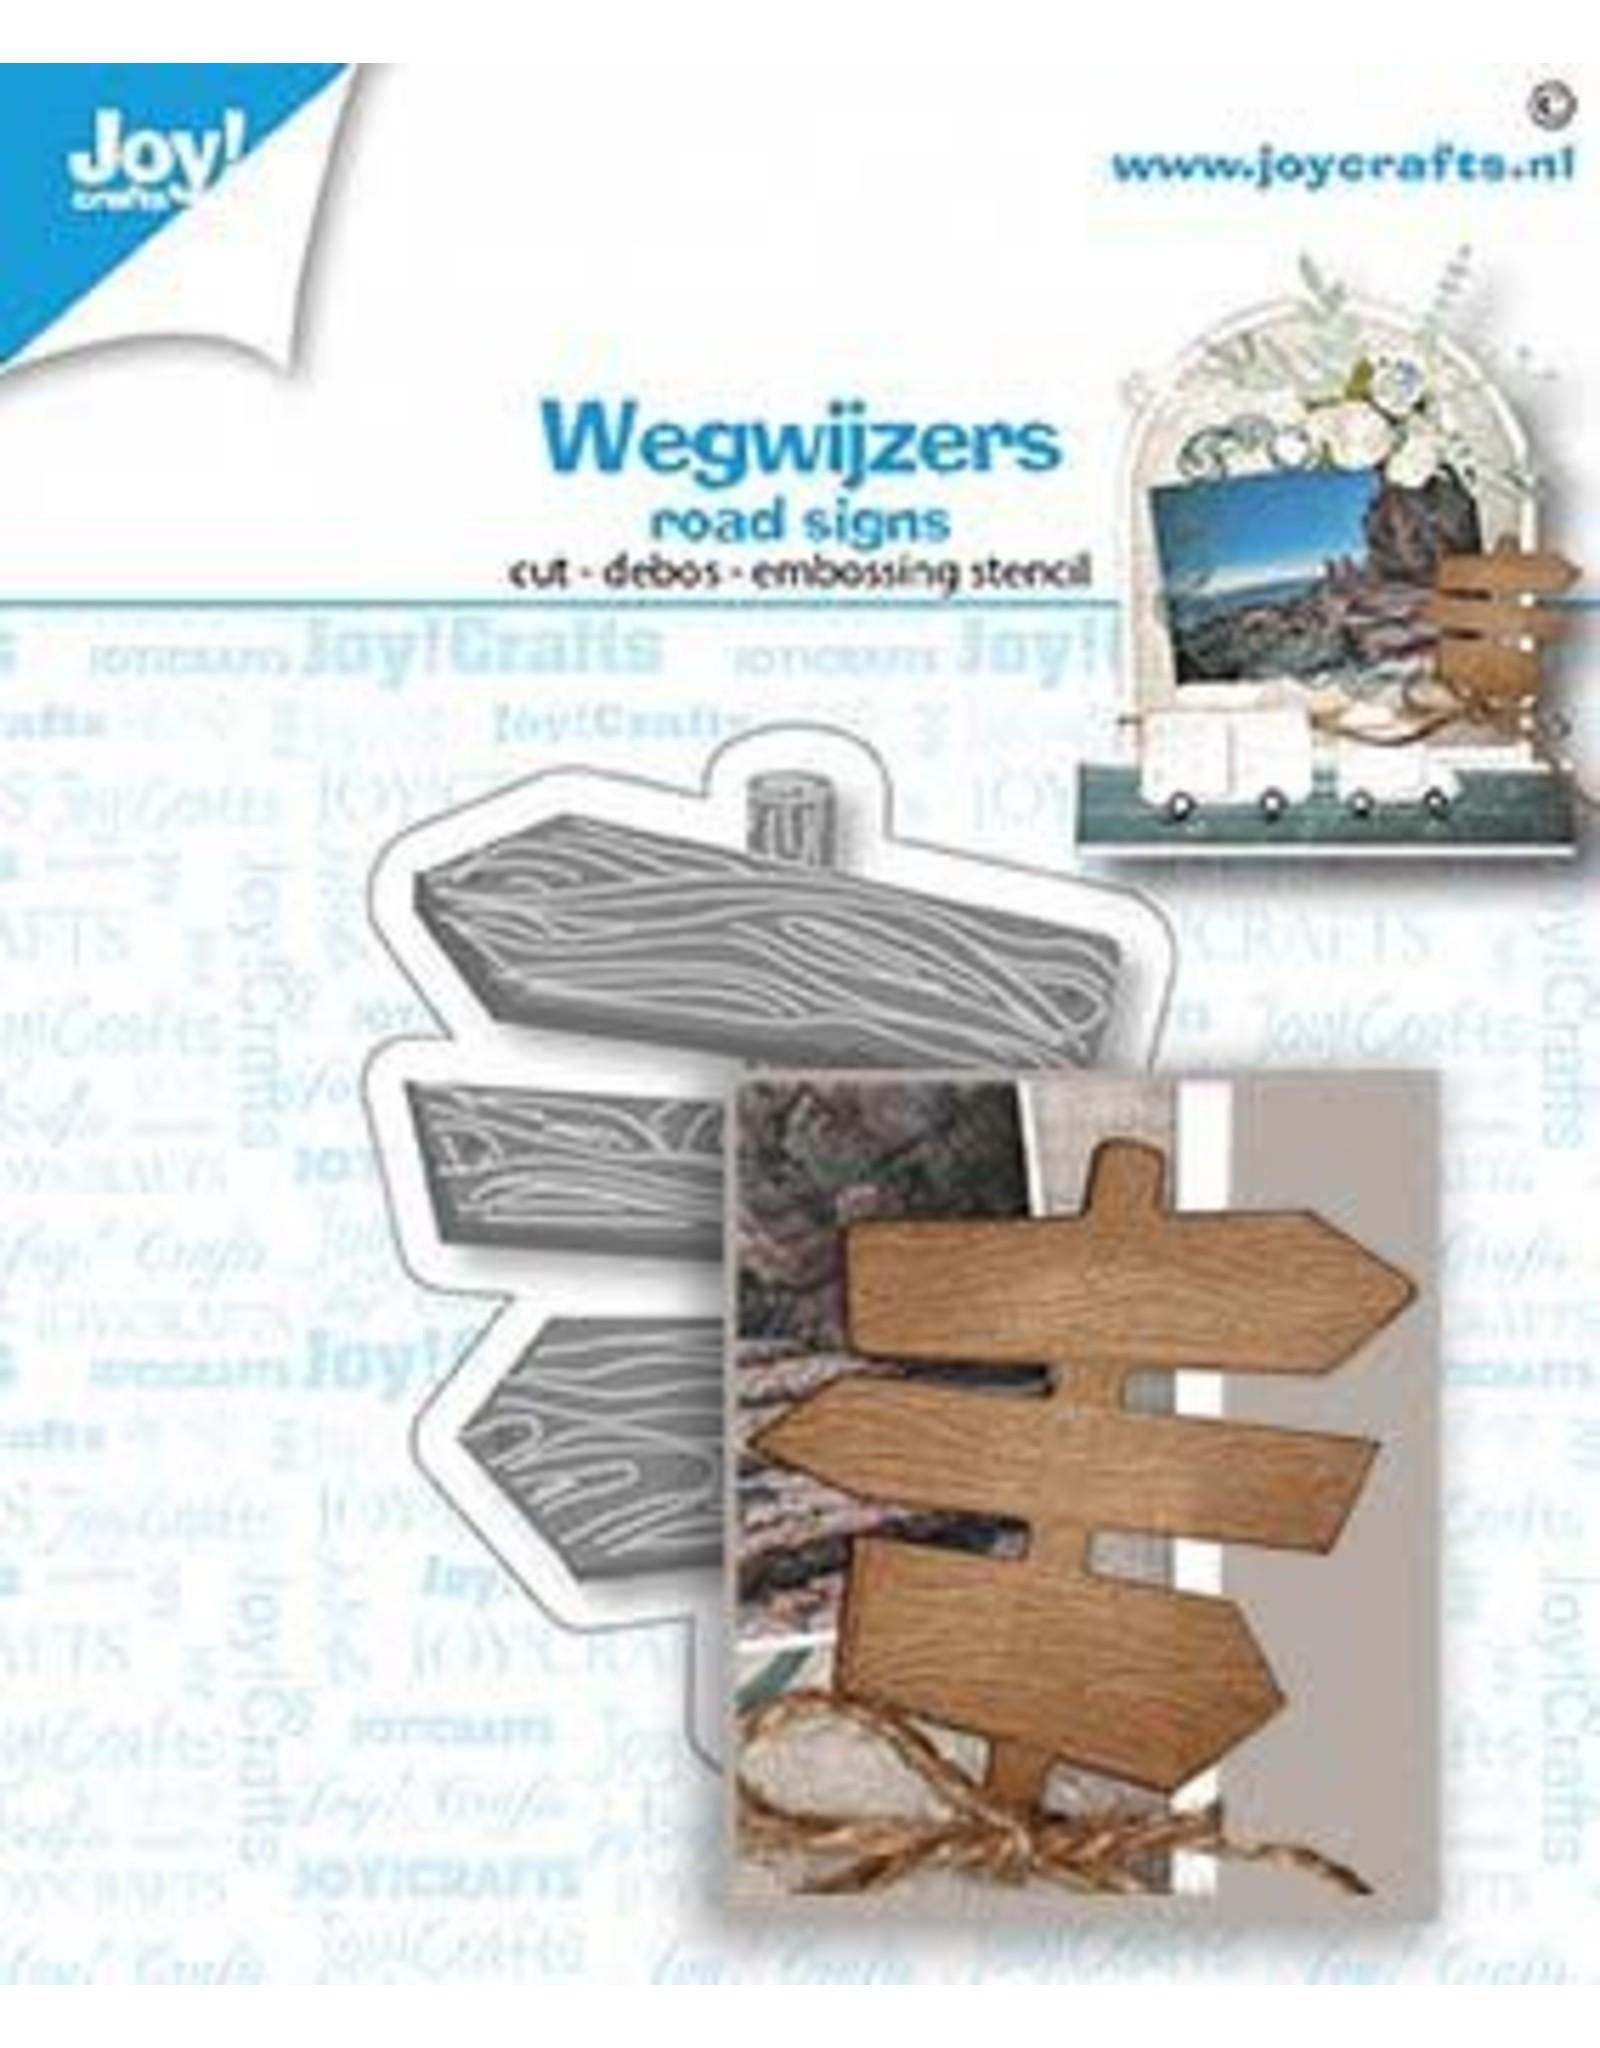 Joy Craft Joy! Crafts Snij-debos-embosstansmal - Wegwijzers 6002/1479 59x48 mm